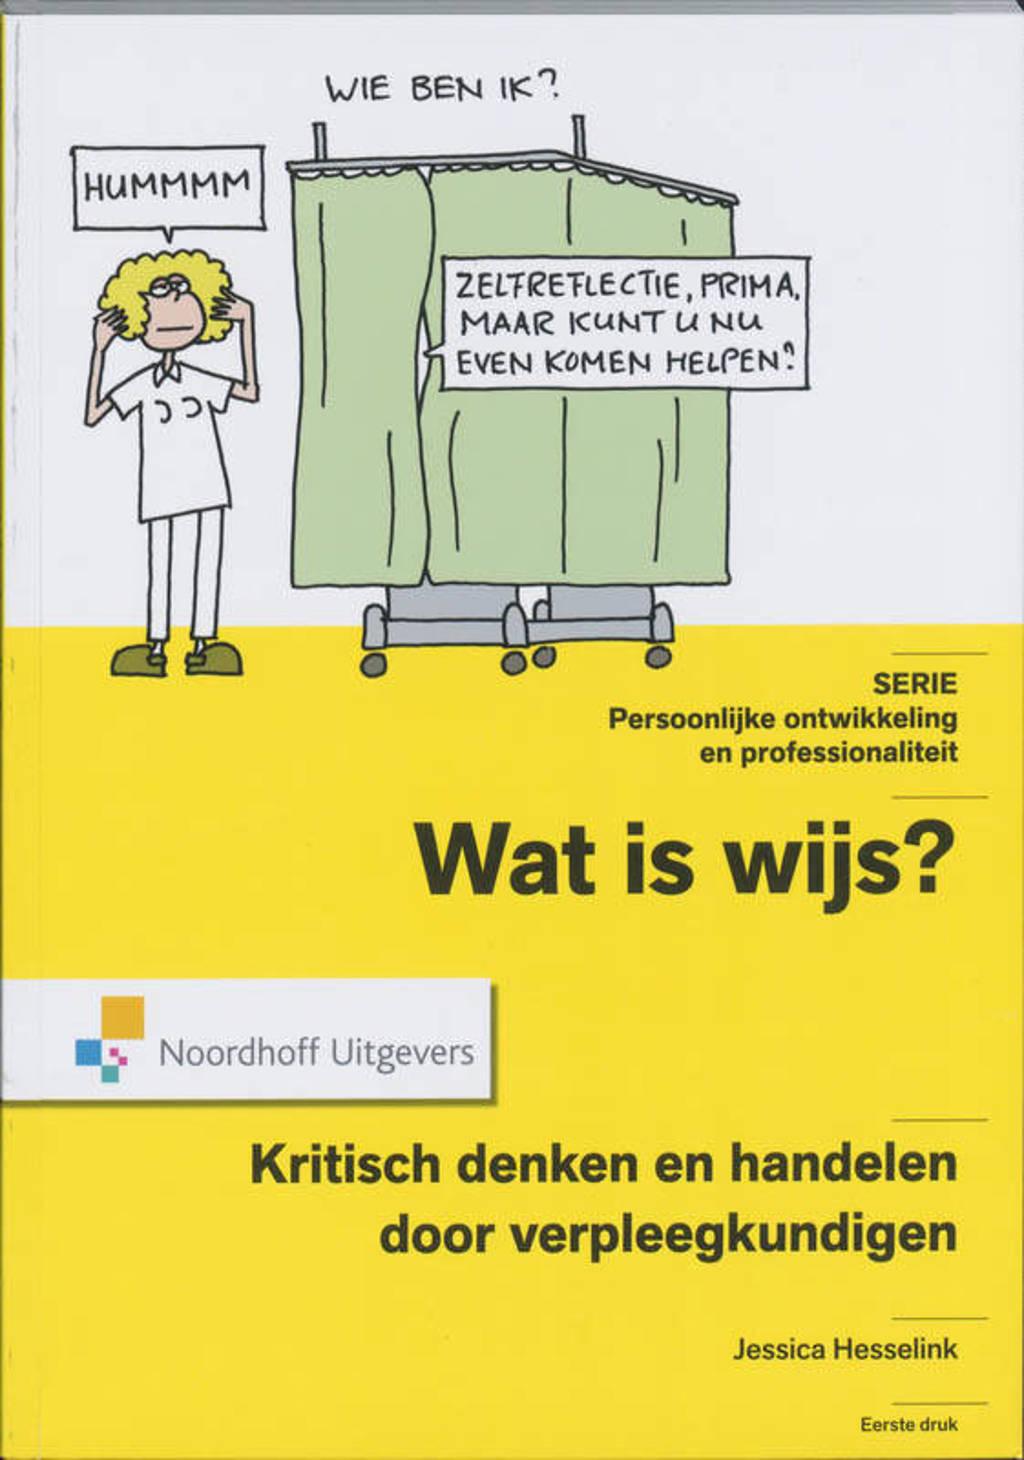 Persoonlijke ontwikkeling en professionaliteit: Wat is Wijs? Kritisch handelen en denken door verpleegkundigen - Jessica Hesselink